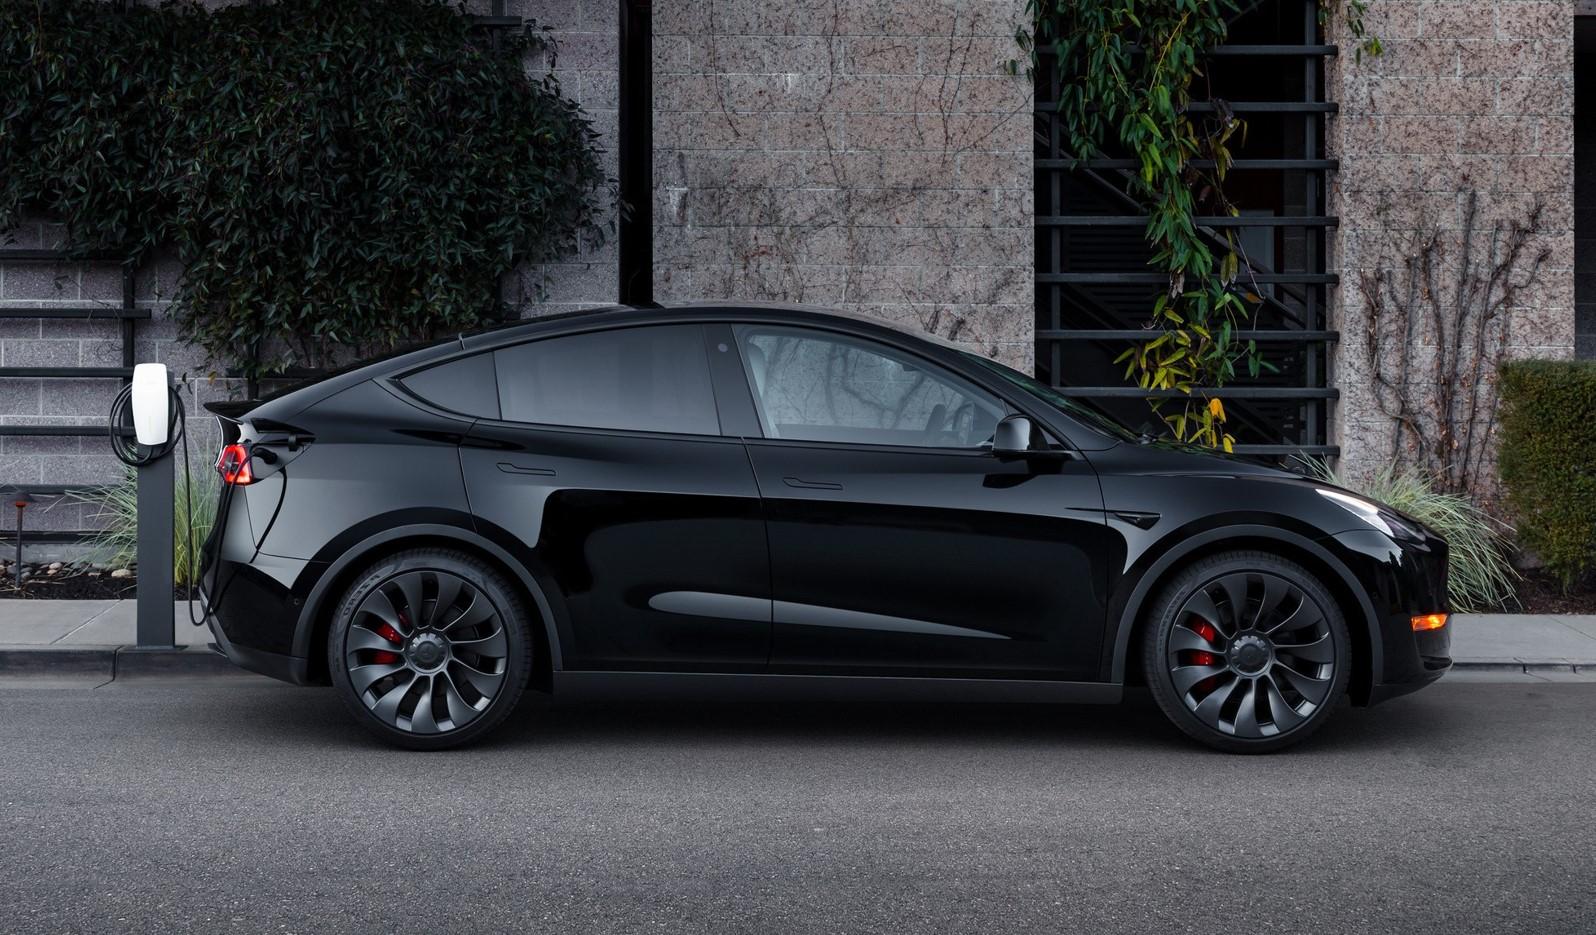 Tesla Model Y aprobado para Australia, SR, LR y Perf, todos confirmados con 5 asientos